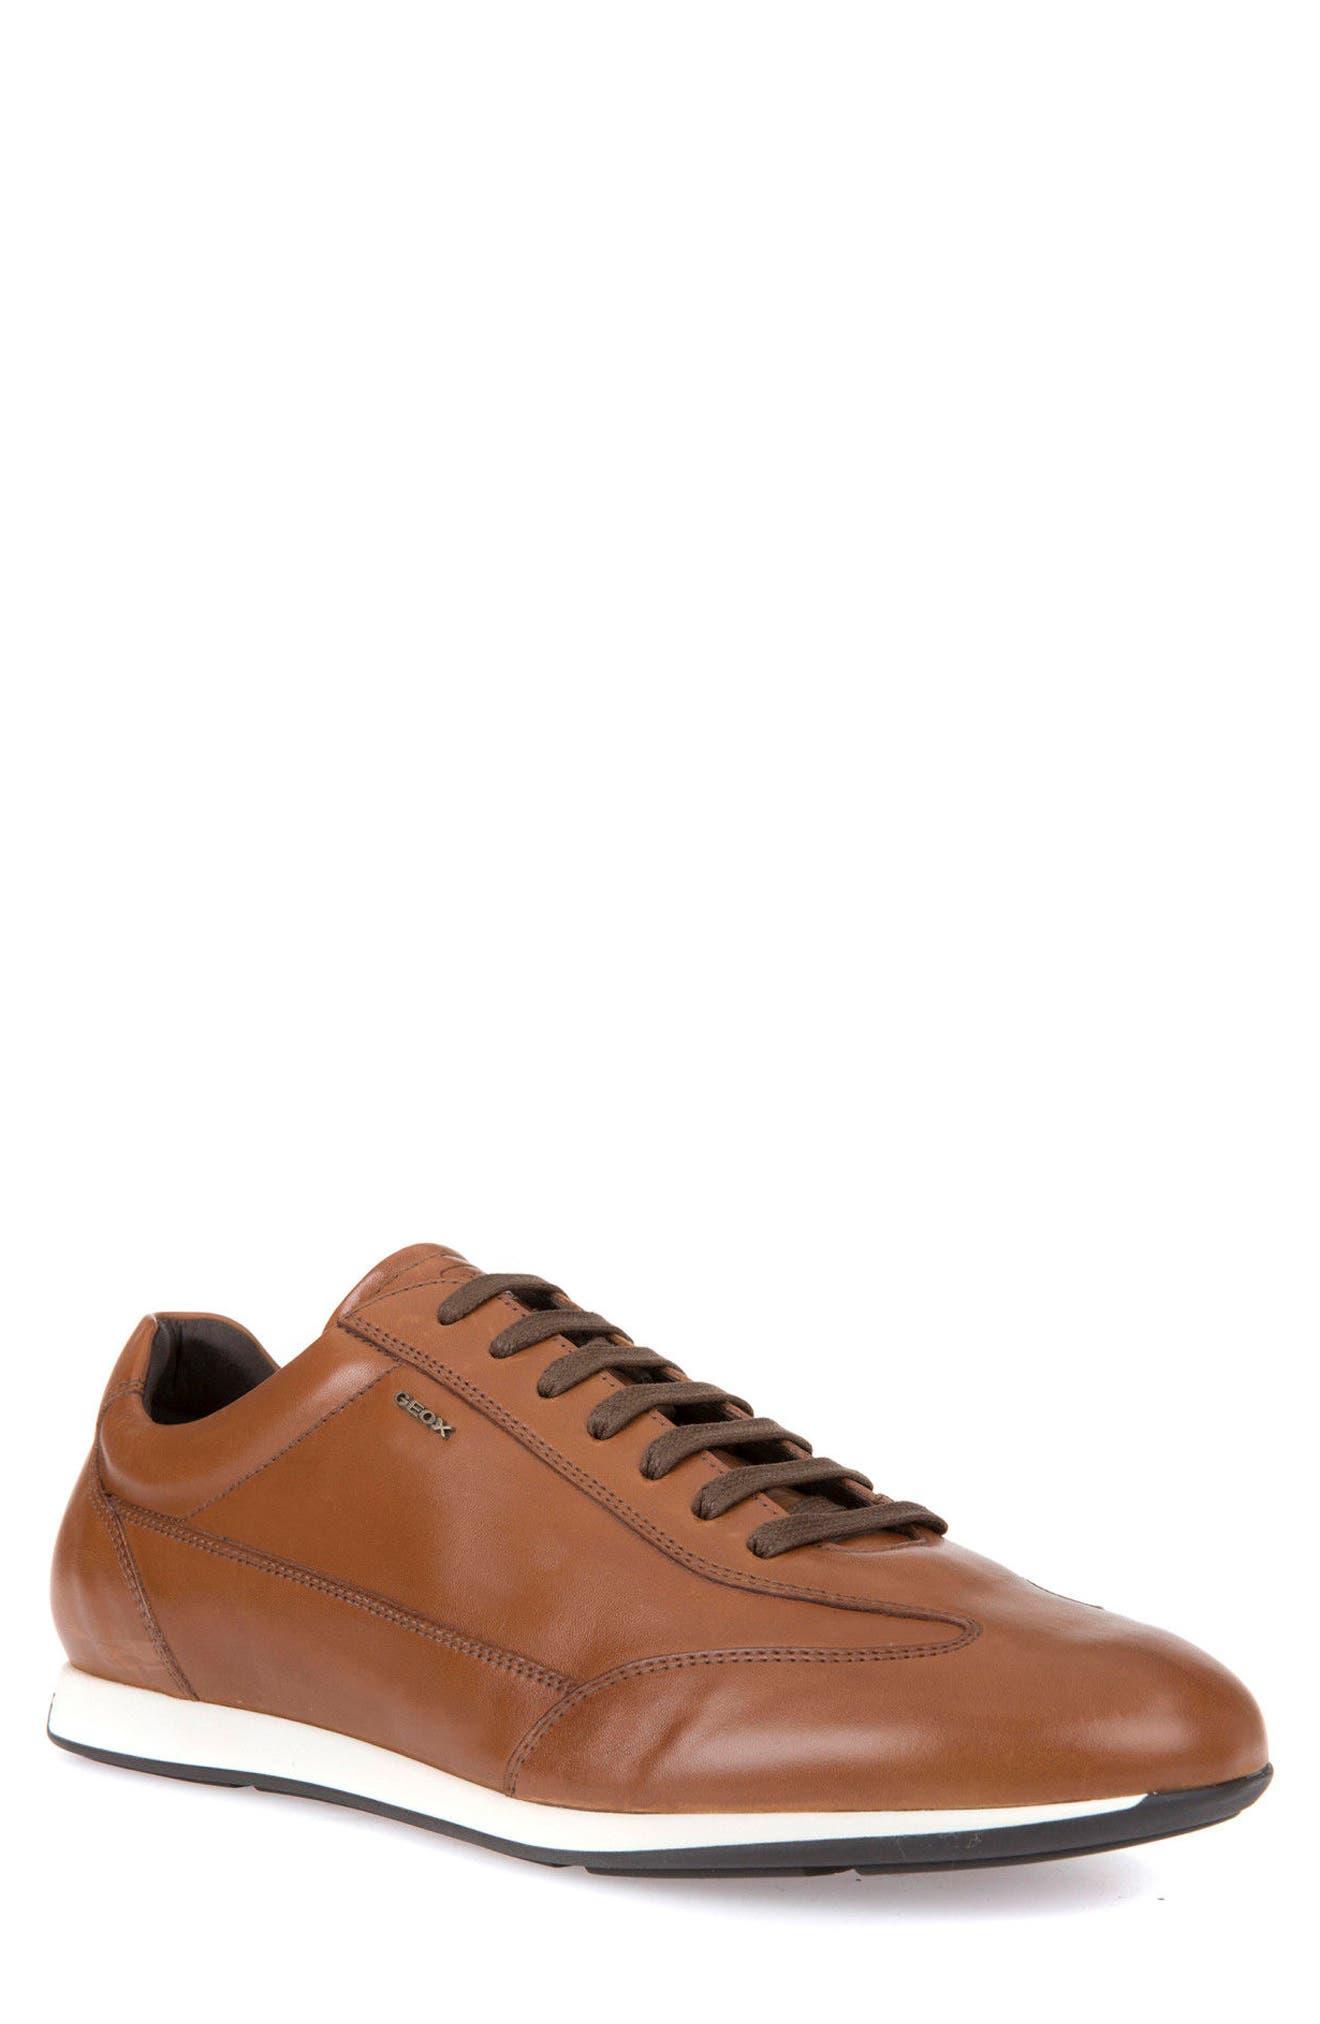 Main Image - Geox Clemet 1 Sneaker (Men)